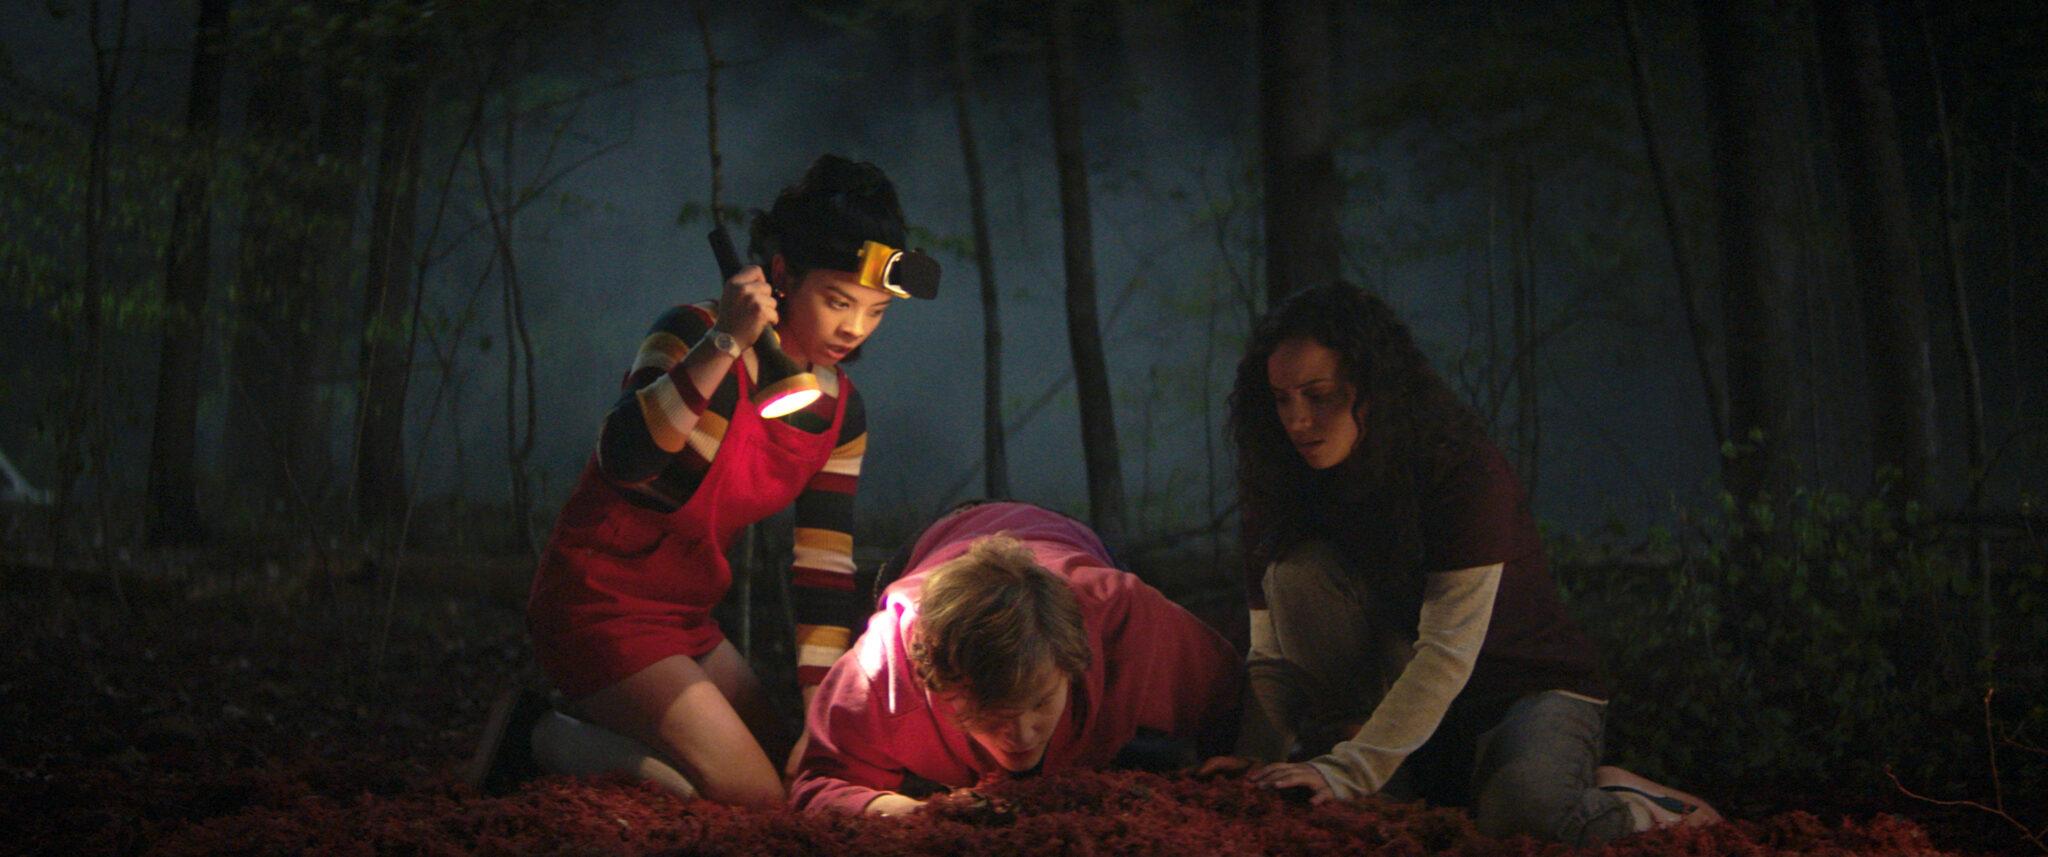 Kate, Simon und Deena knien in Fear Street Teil 1 im Wald nachts über einem Haufen roter Erde und suchen darin nach etwas.